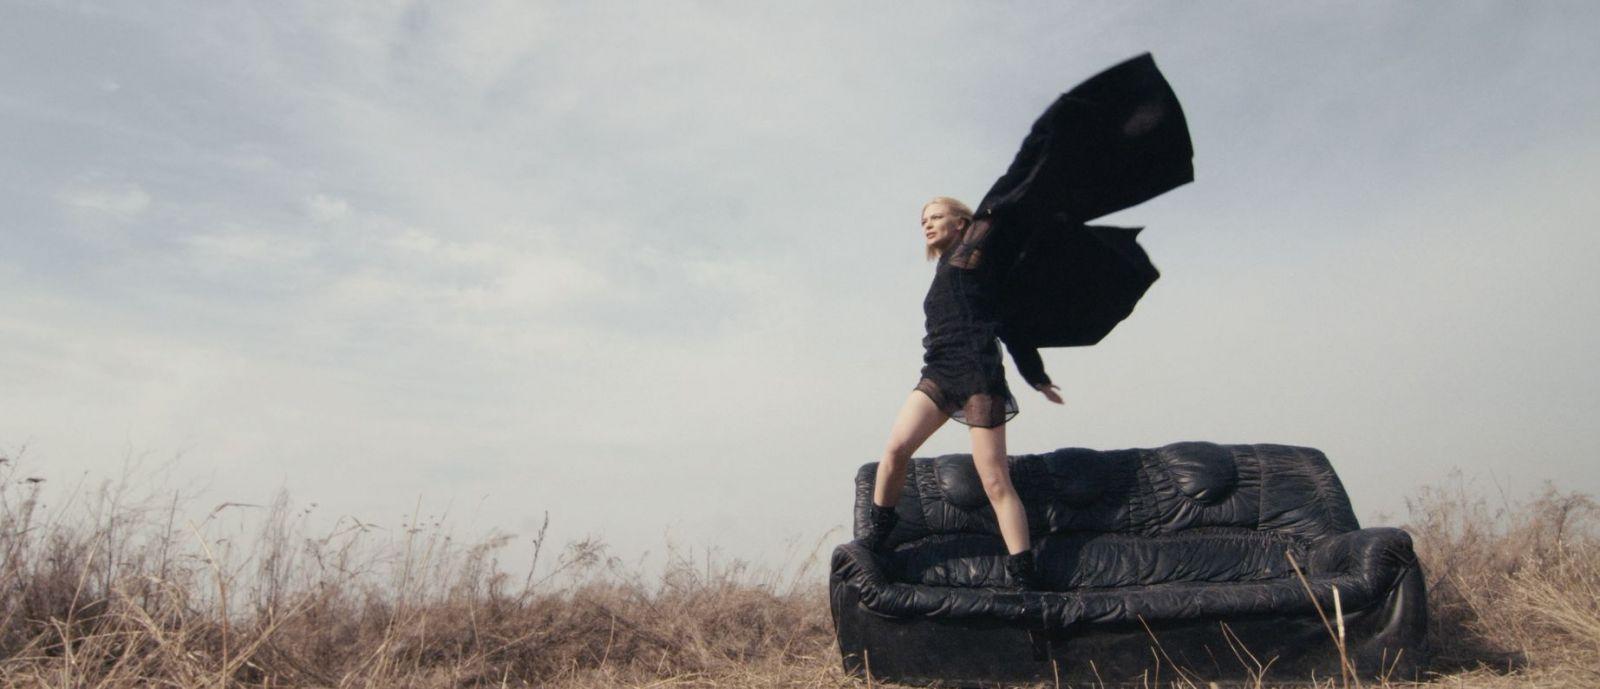 Alloise сняла чувственное видео накануне грандиозного концерта в Киеве